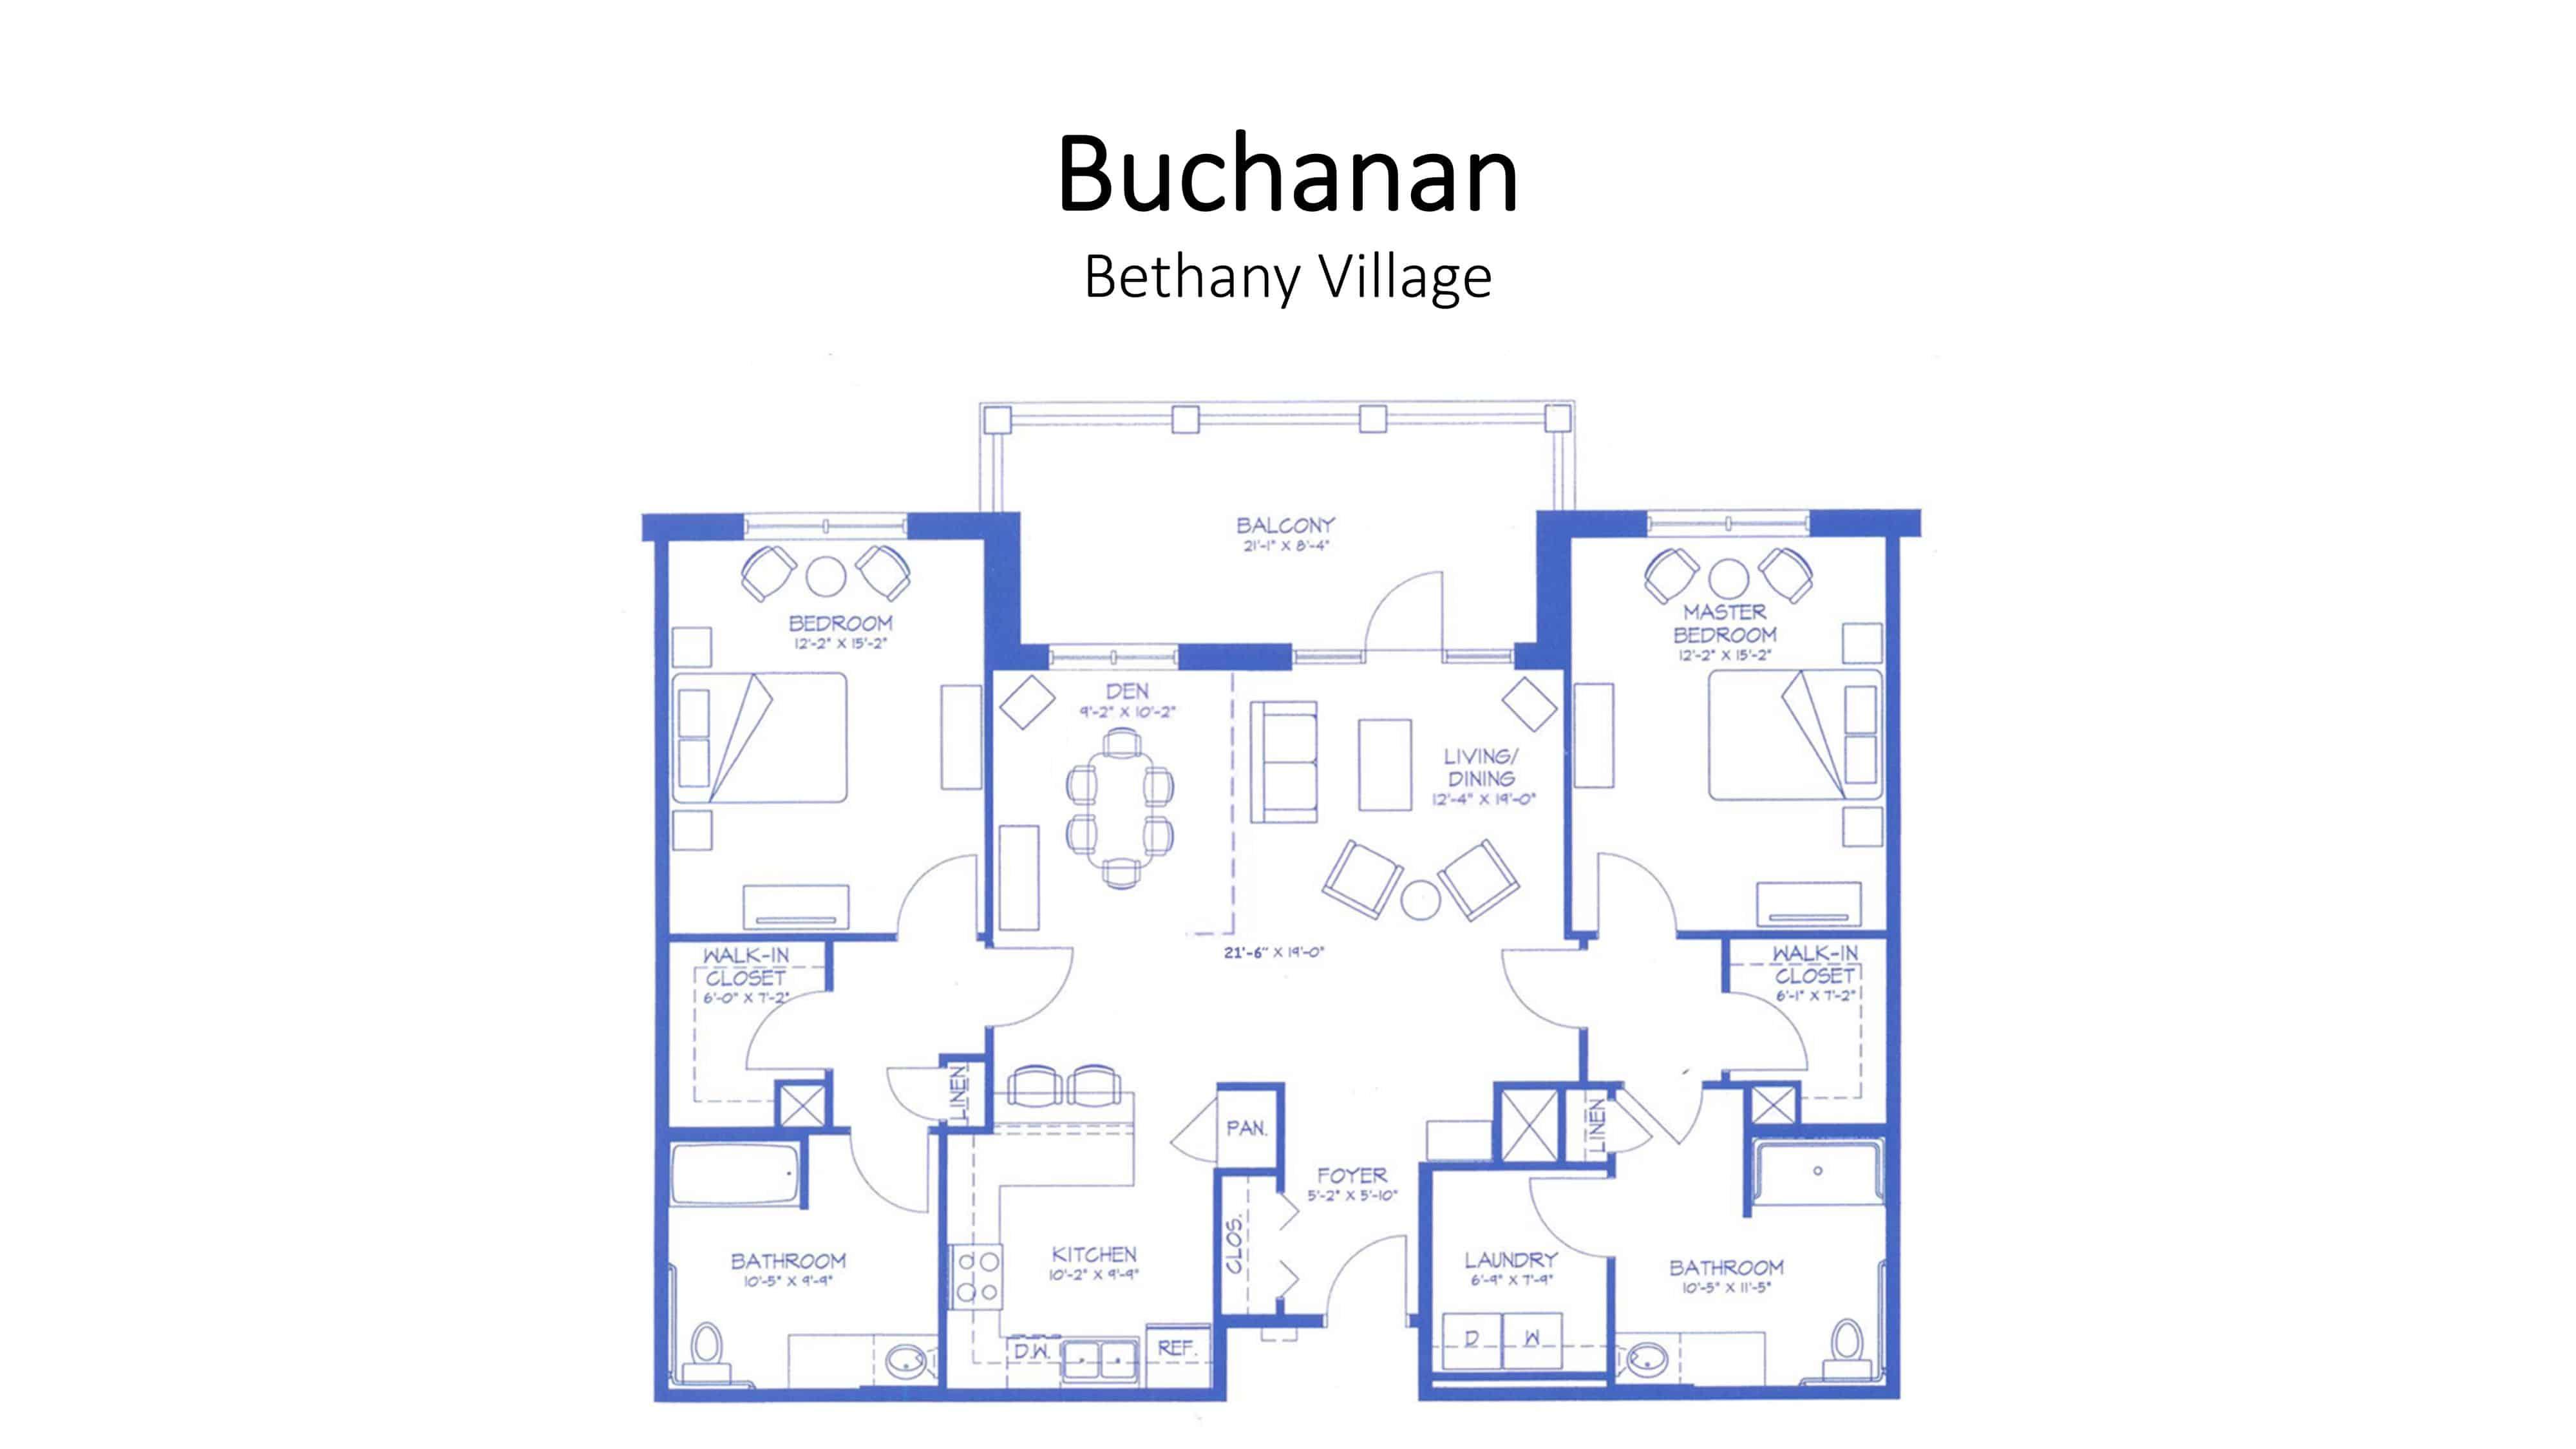 BV_Buchanan